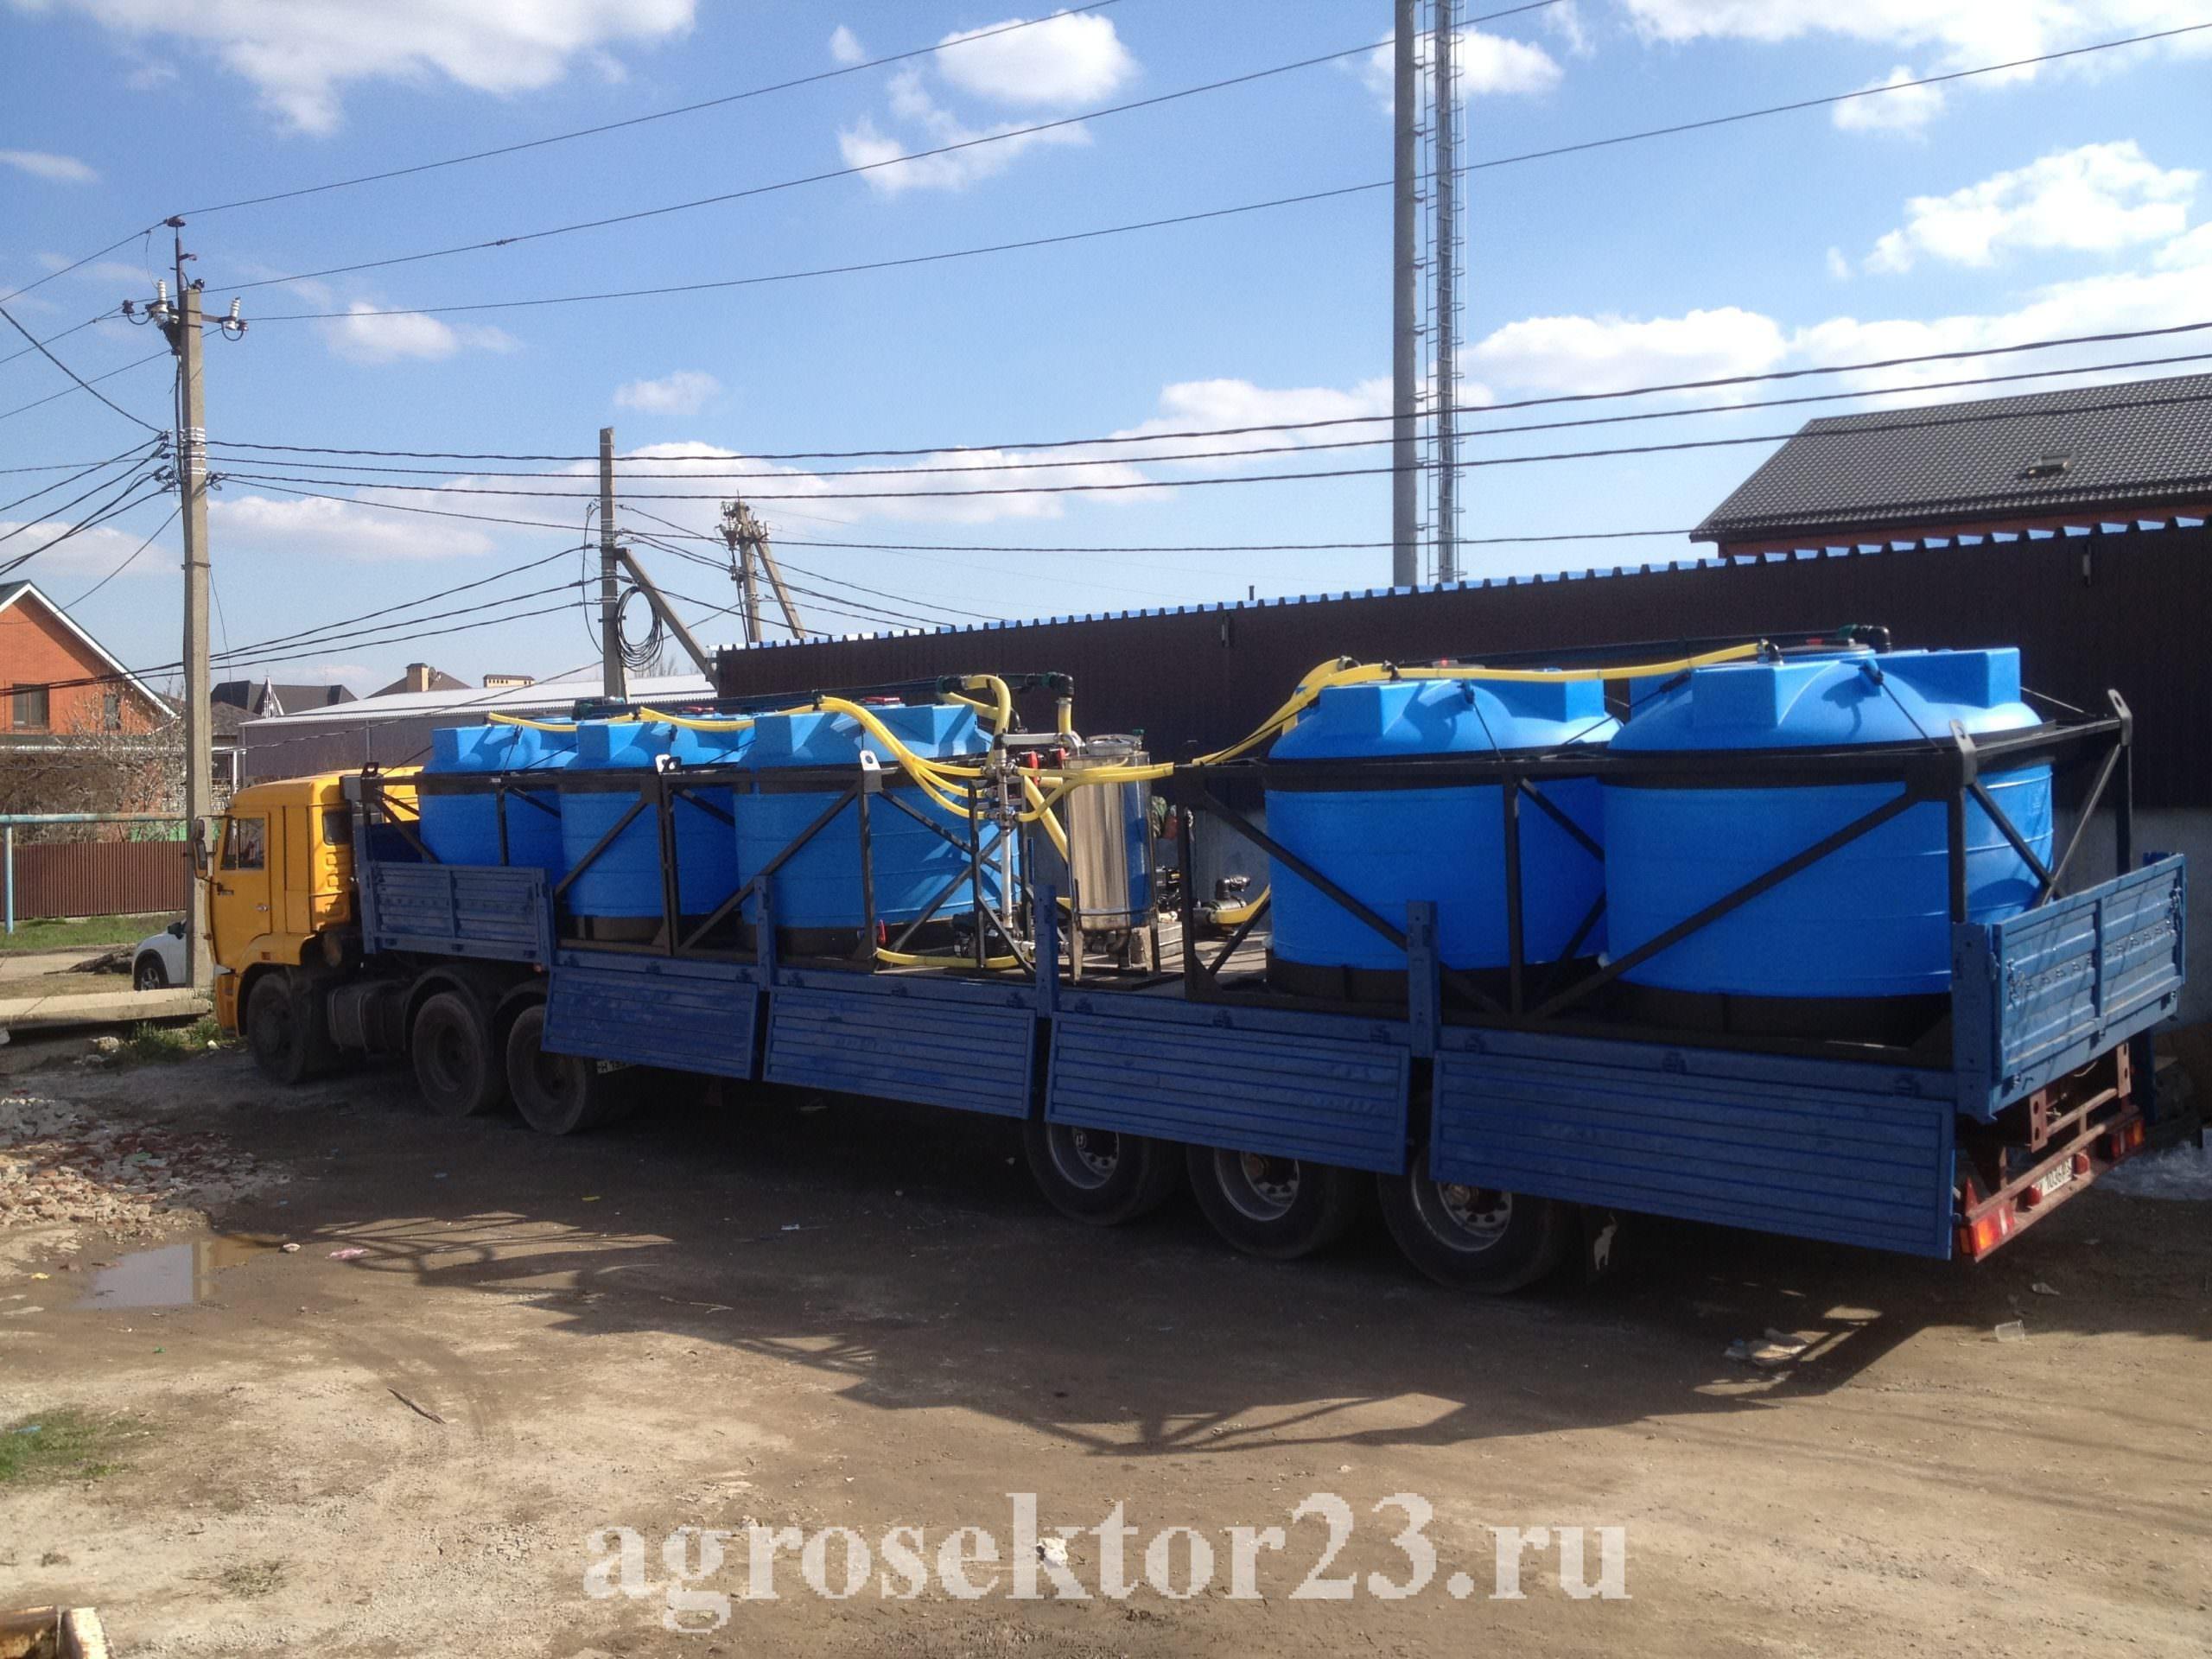 мобильный растворный узел 22.5м3 в кузов КАМАЗА